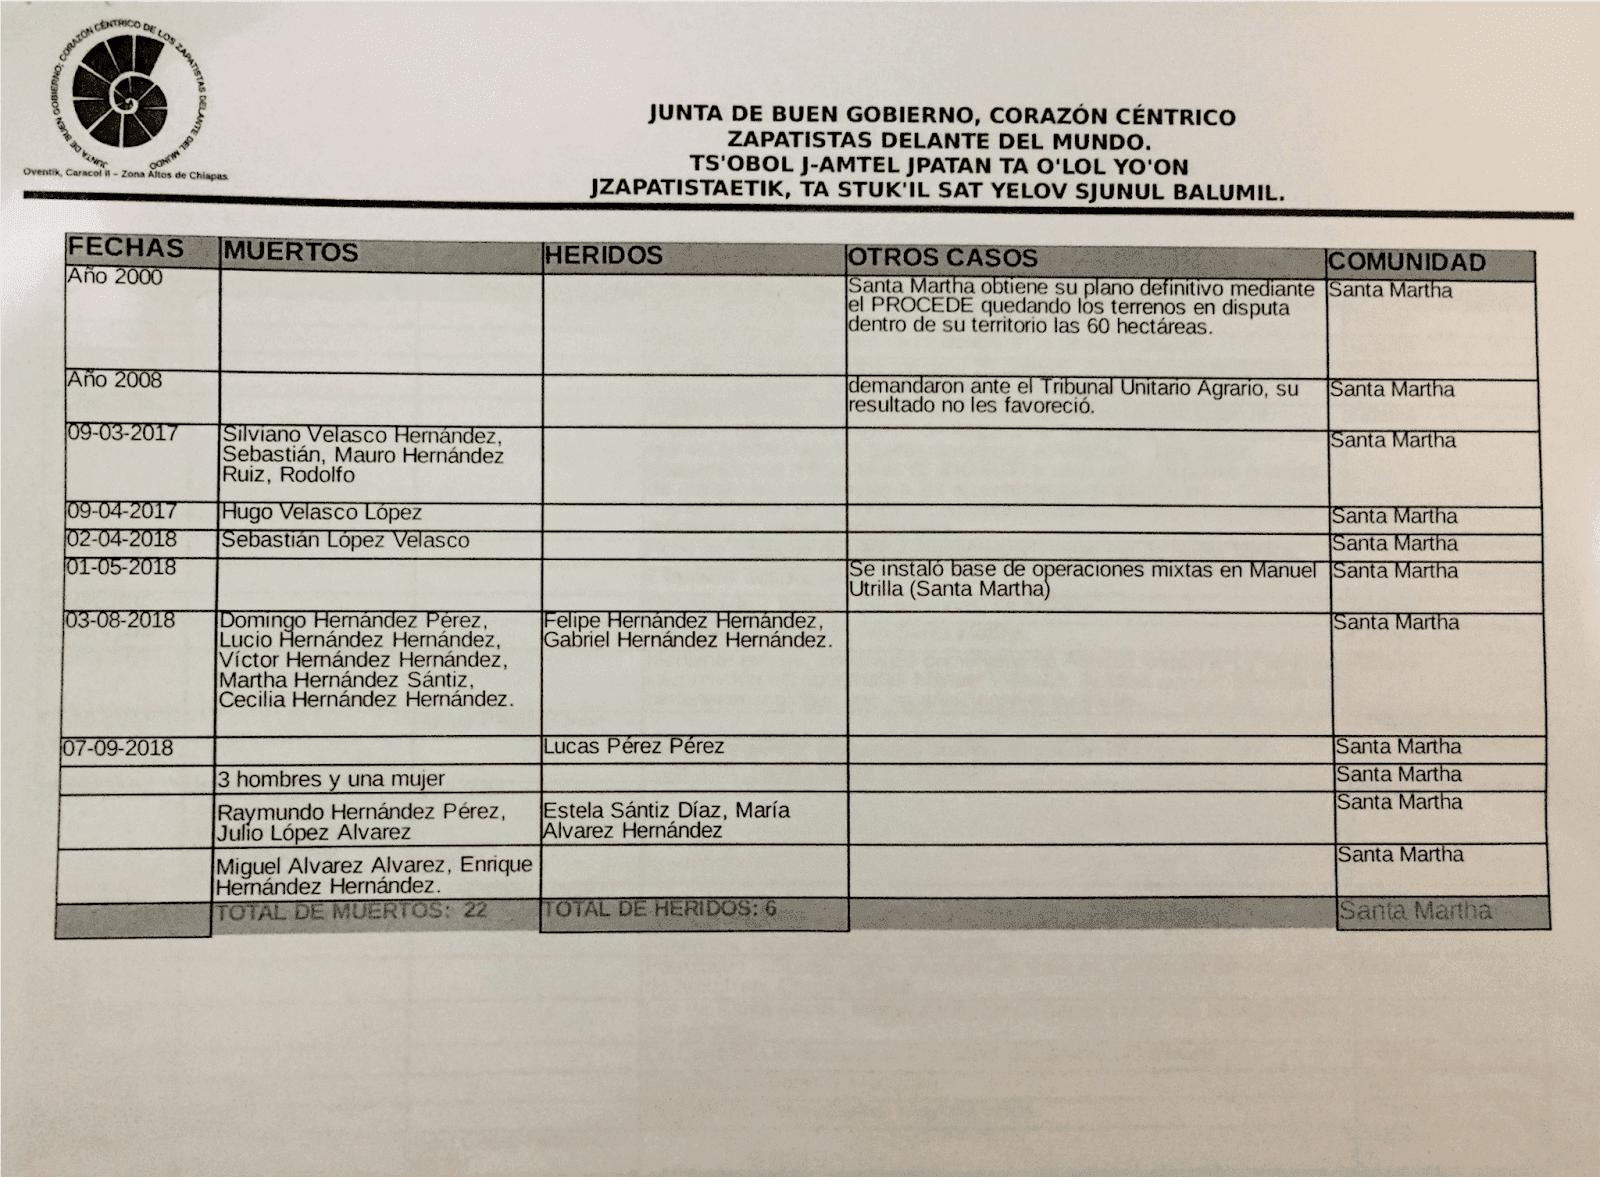 Registros de muertes_Junta de Gobierno Zapatista_3